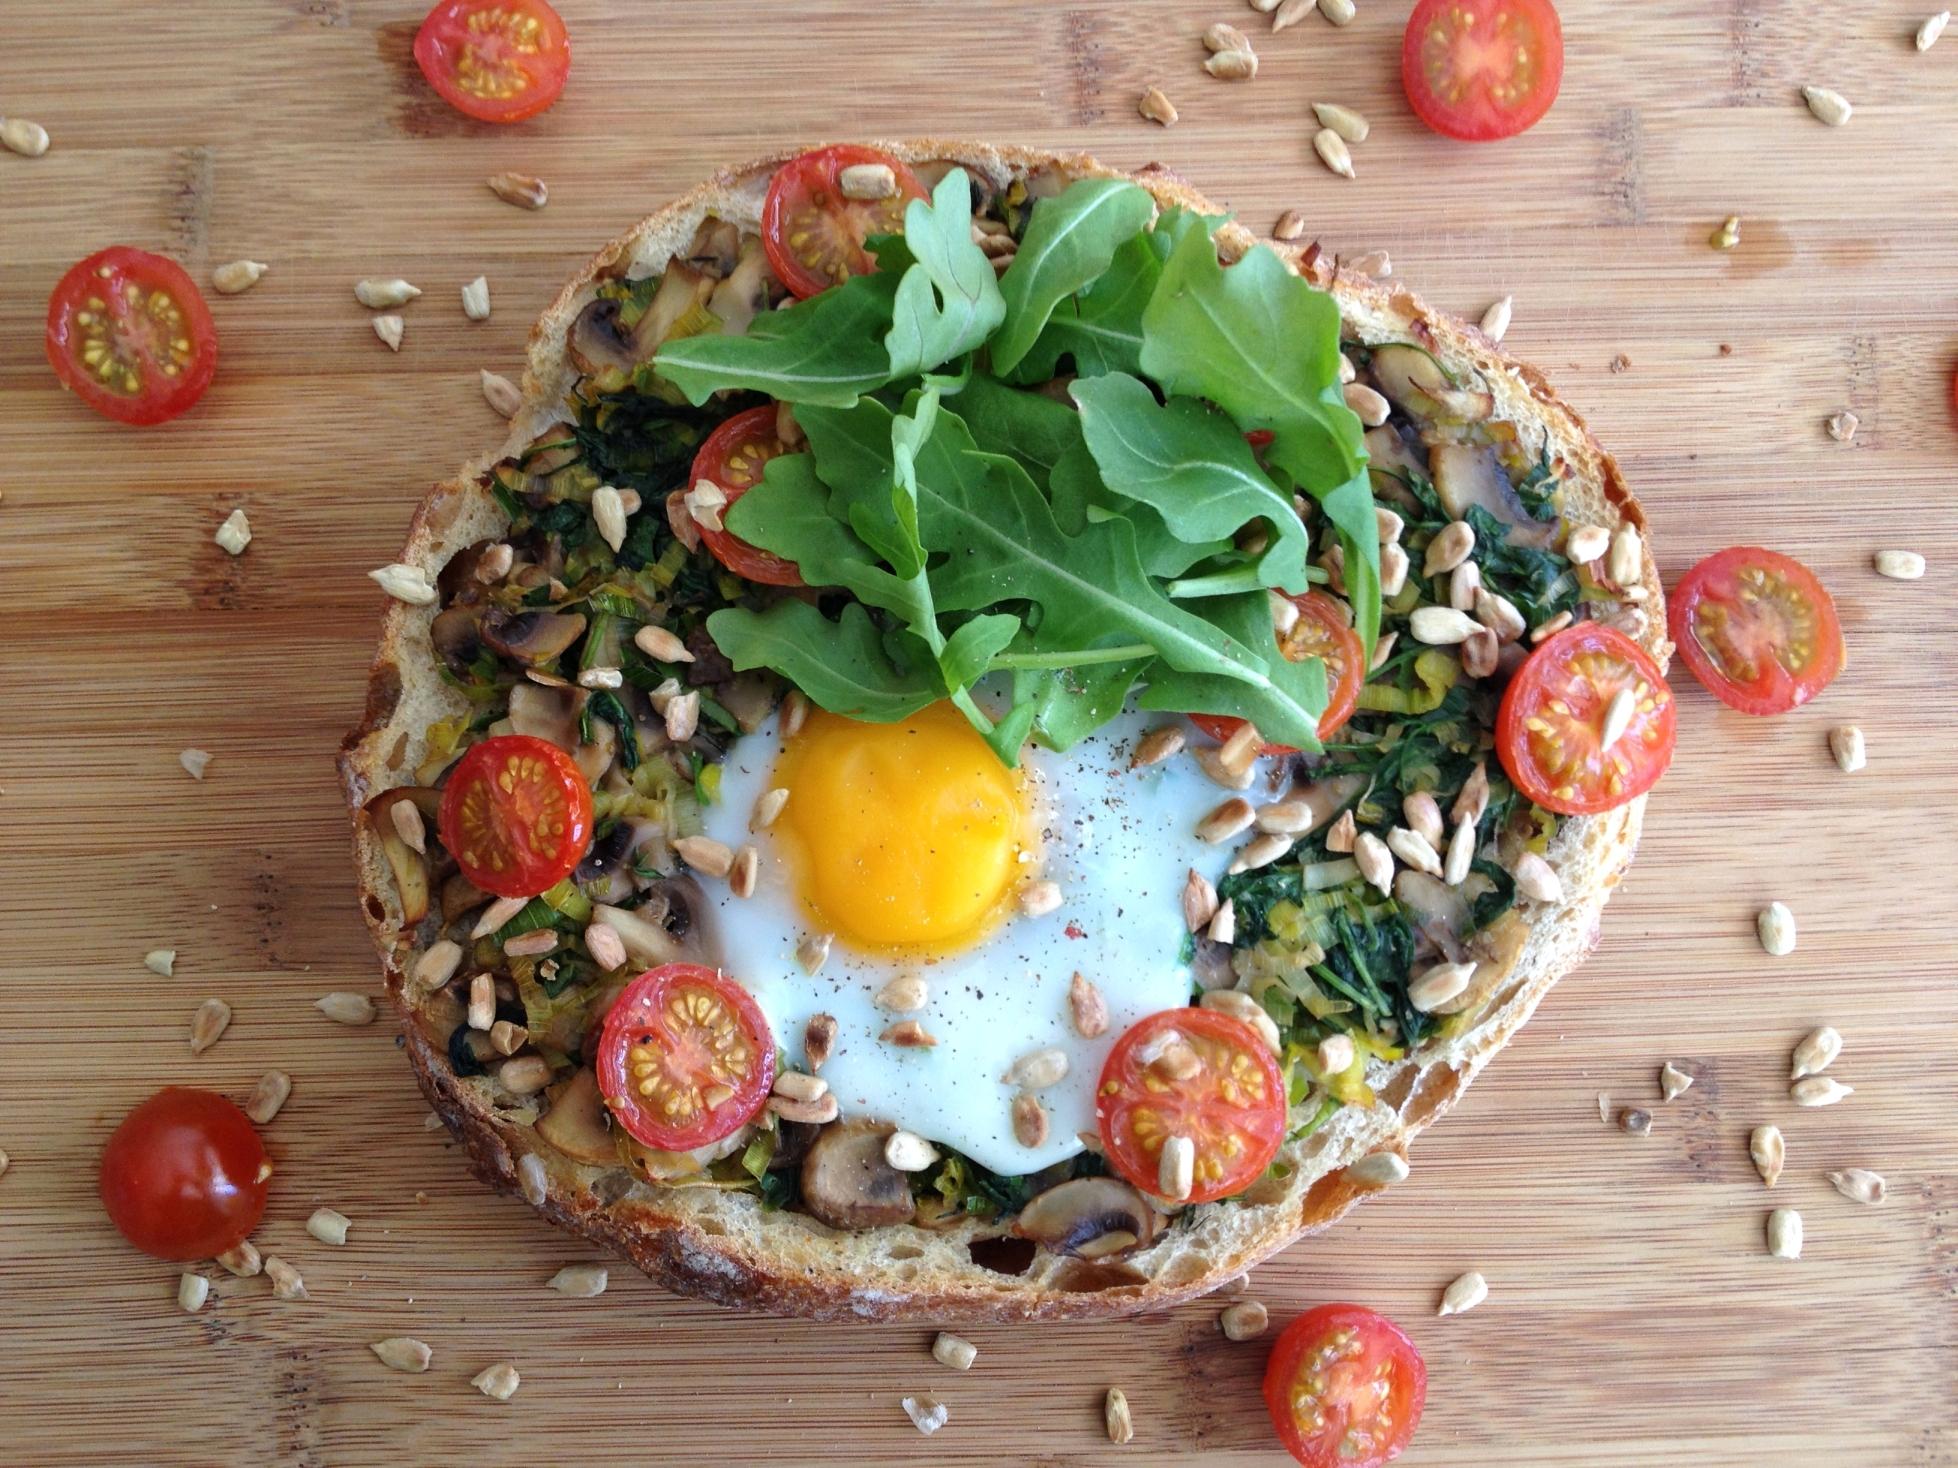 pain-grille-champignons-poireaux-roquettes-oeufs-3